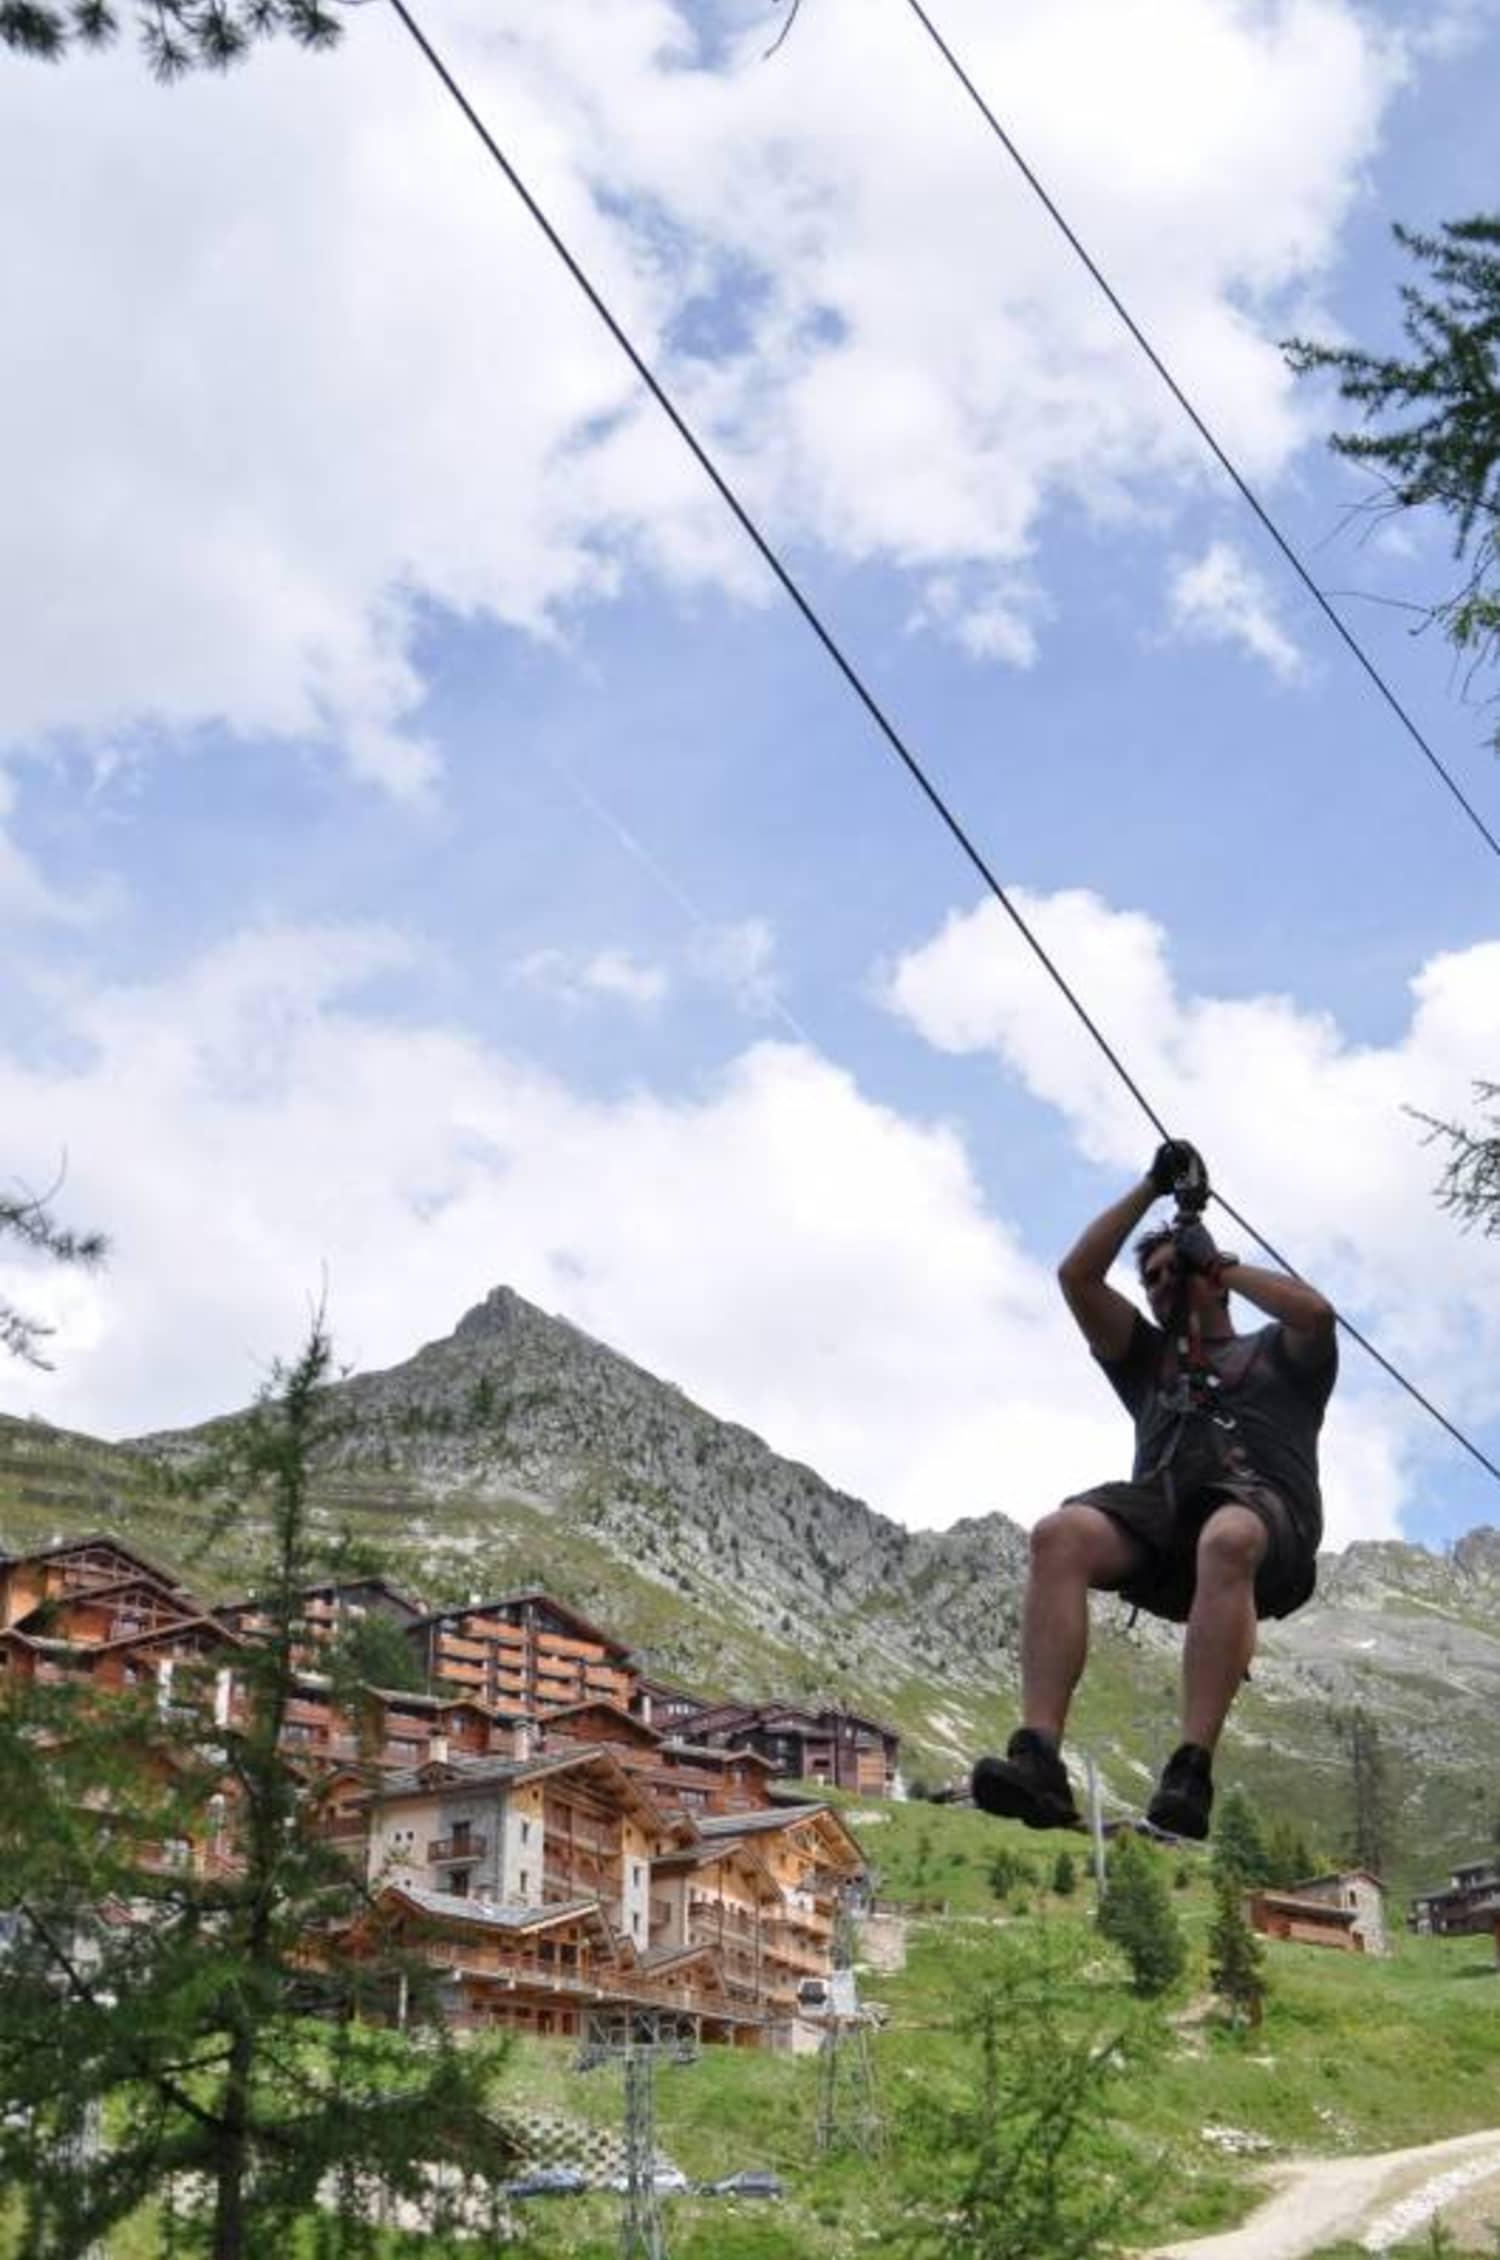 ELPRO Adventure Park - Mâcot-la-Plagne